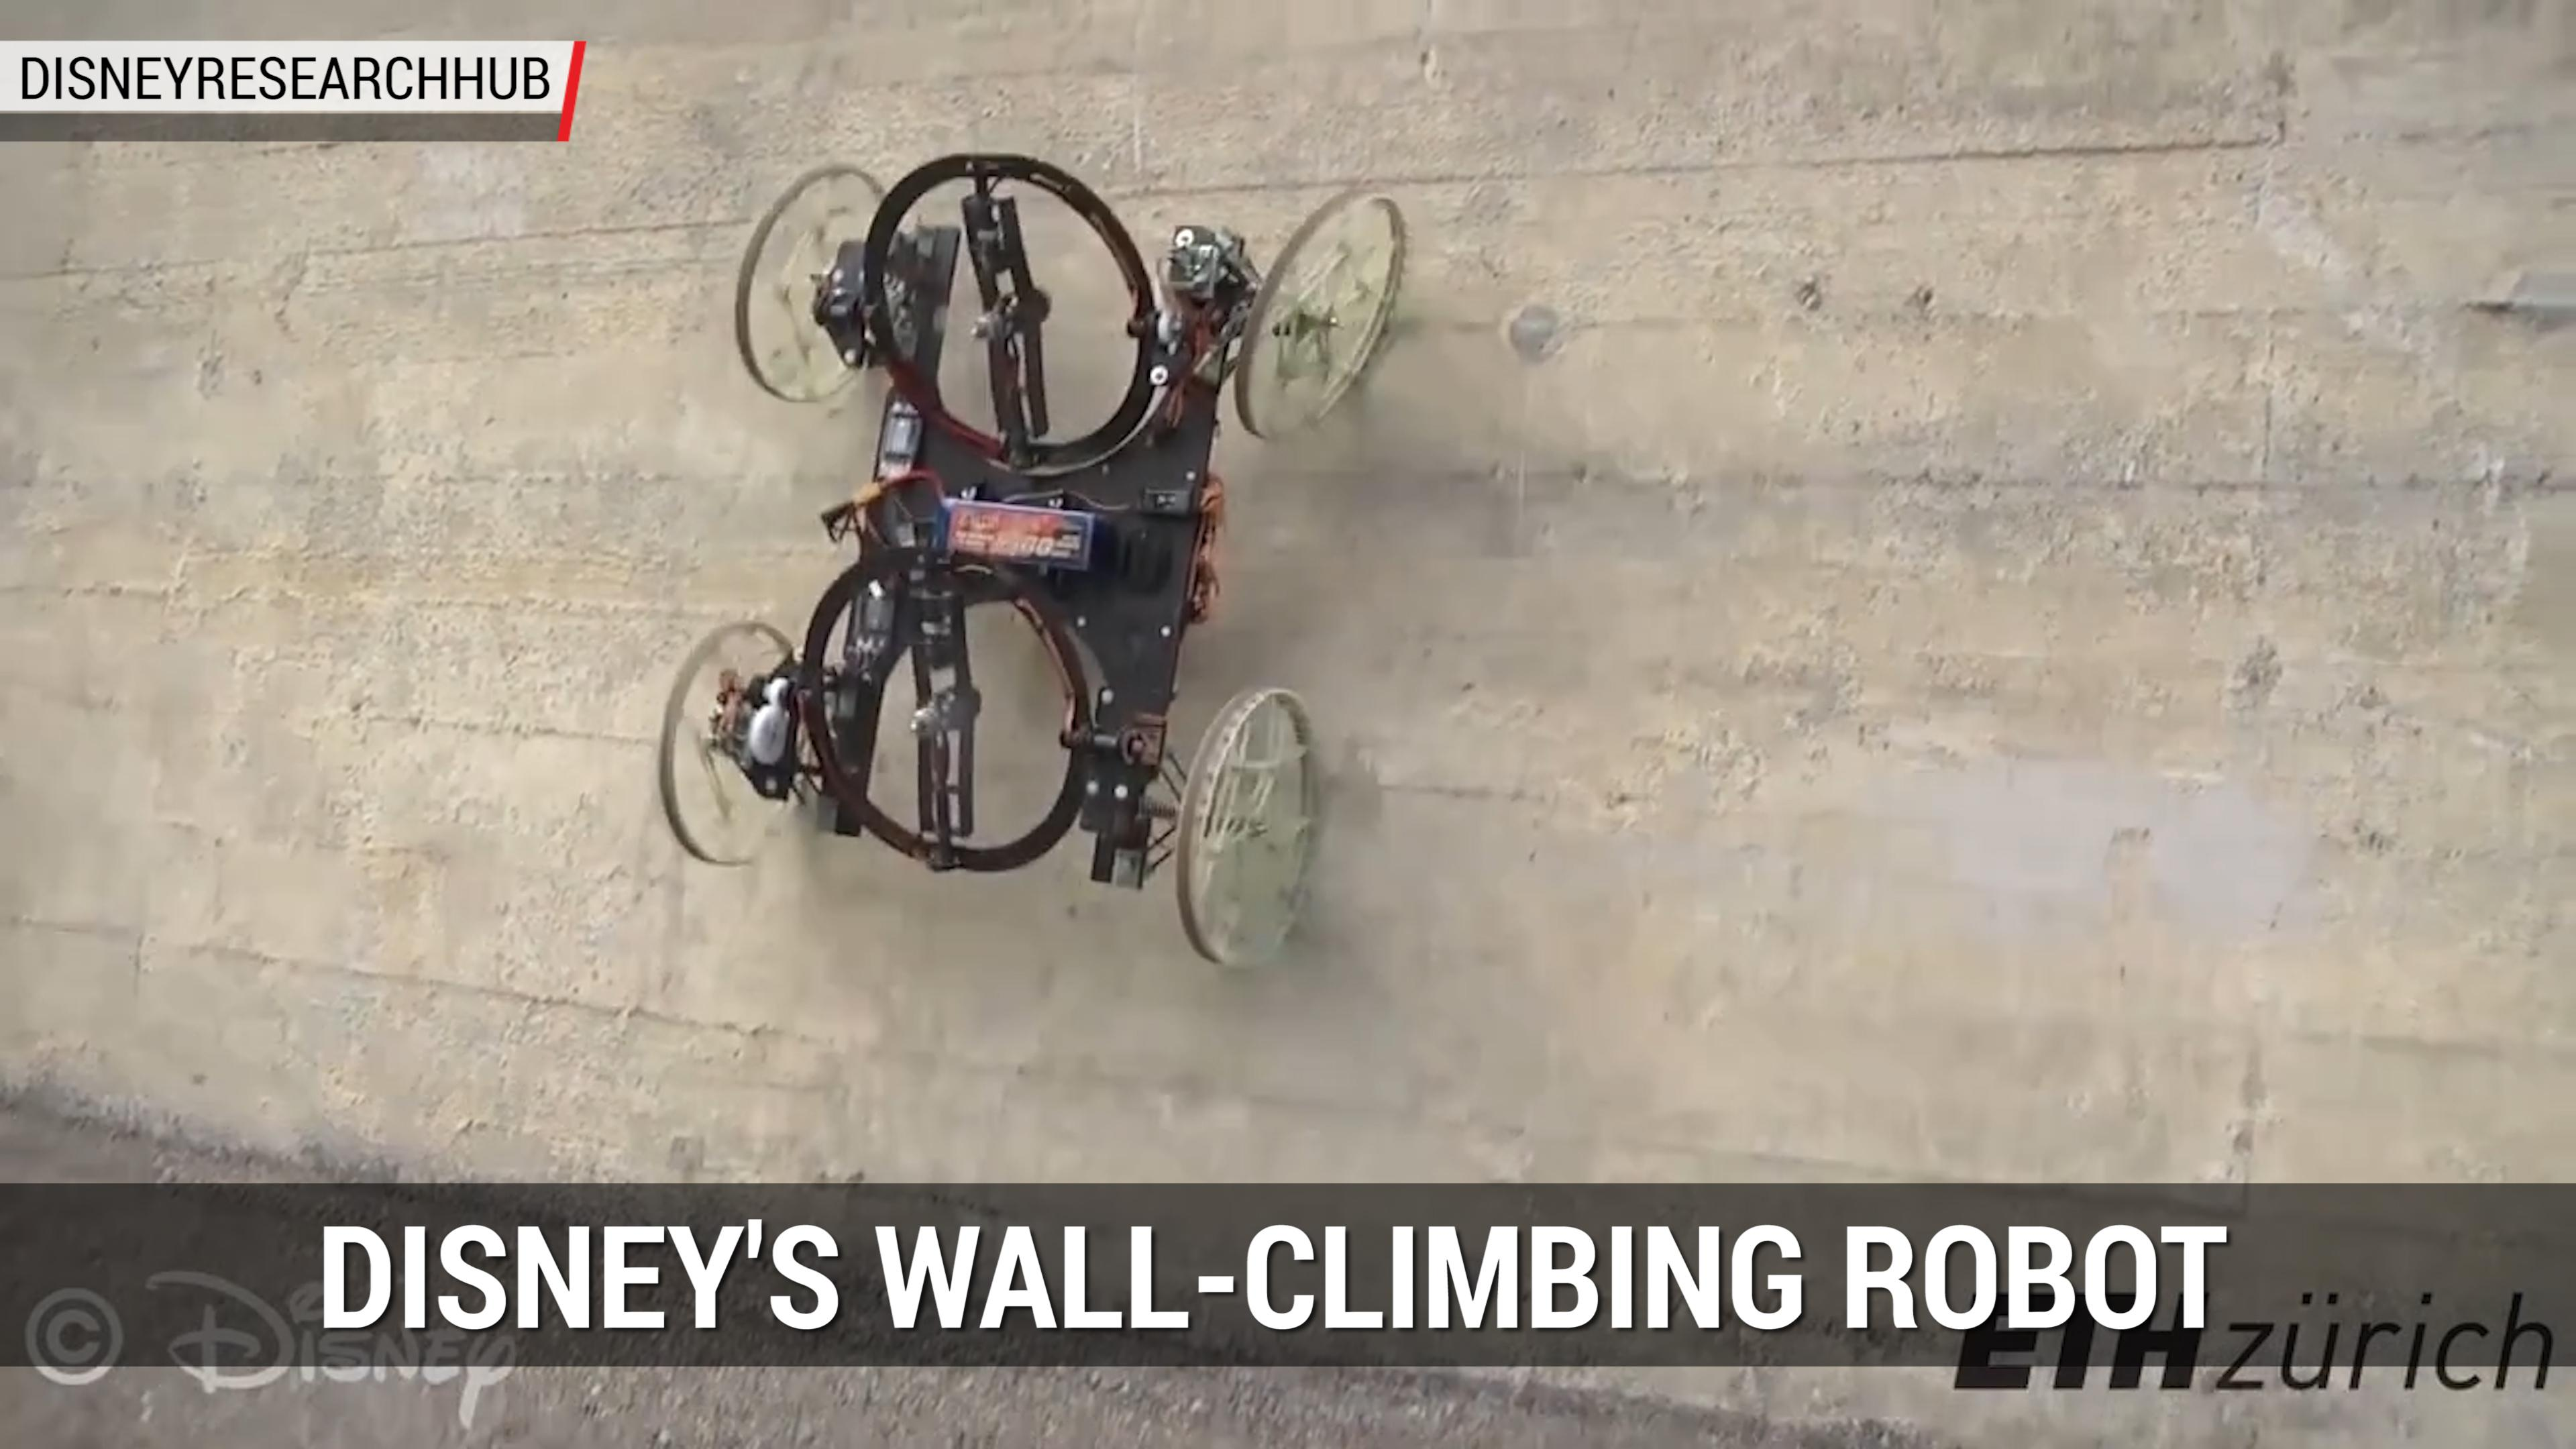 Disney's Wall-Climbing Robot VertiGo | Autoblog Minute